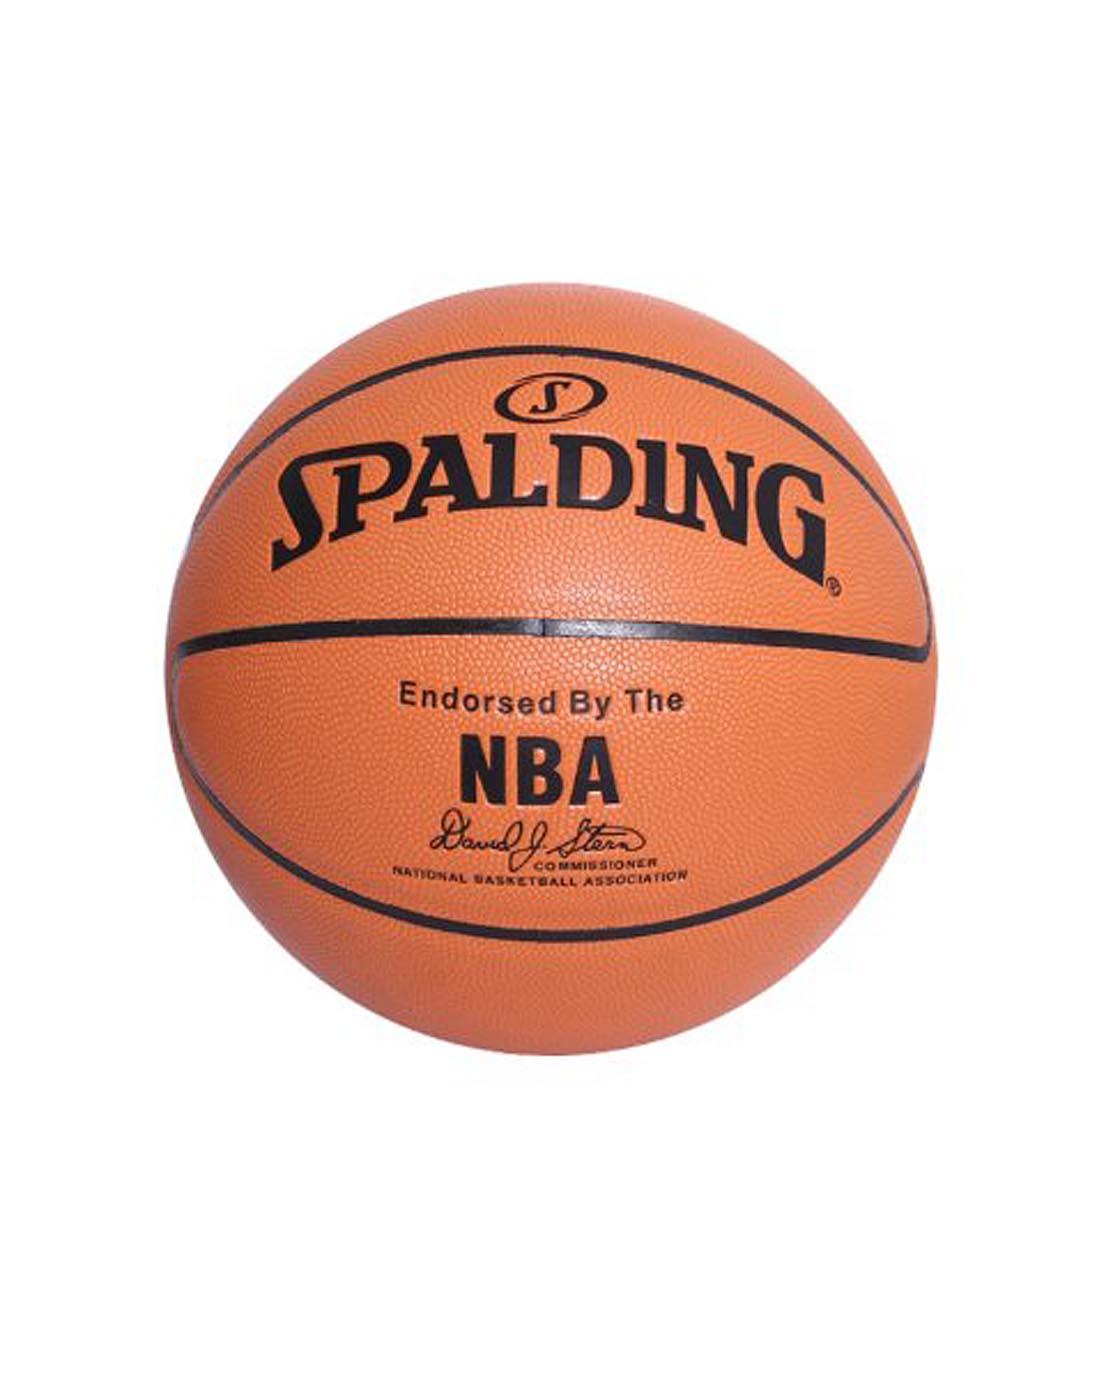 斯伯丁篮球_Spalding斯伯丁篮球09中国赛限量版74107斯